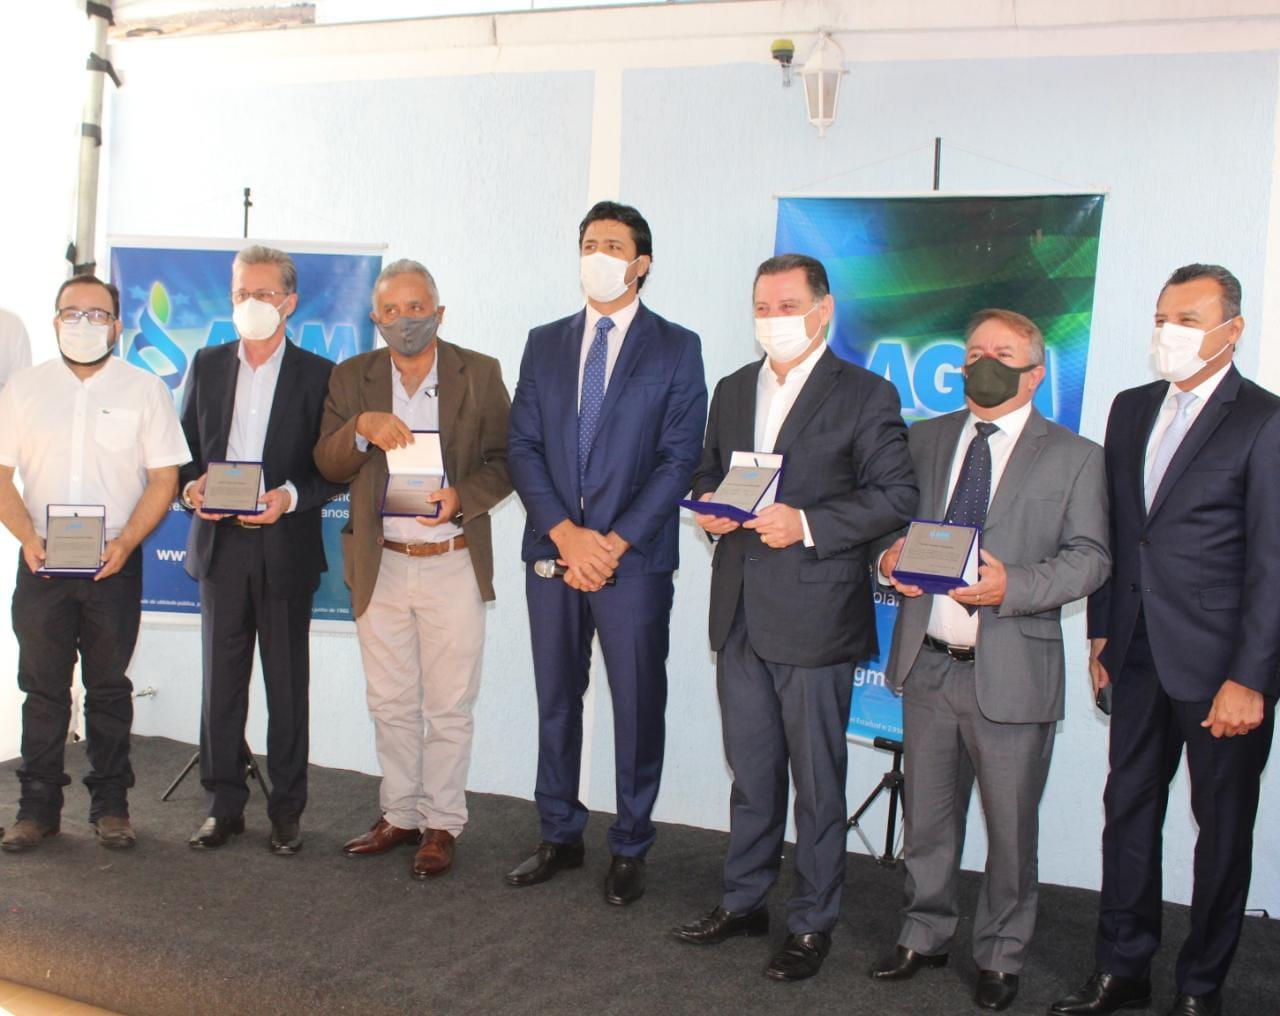 AGM homenageia prefeitos e ex-governador Marconi Perillo